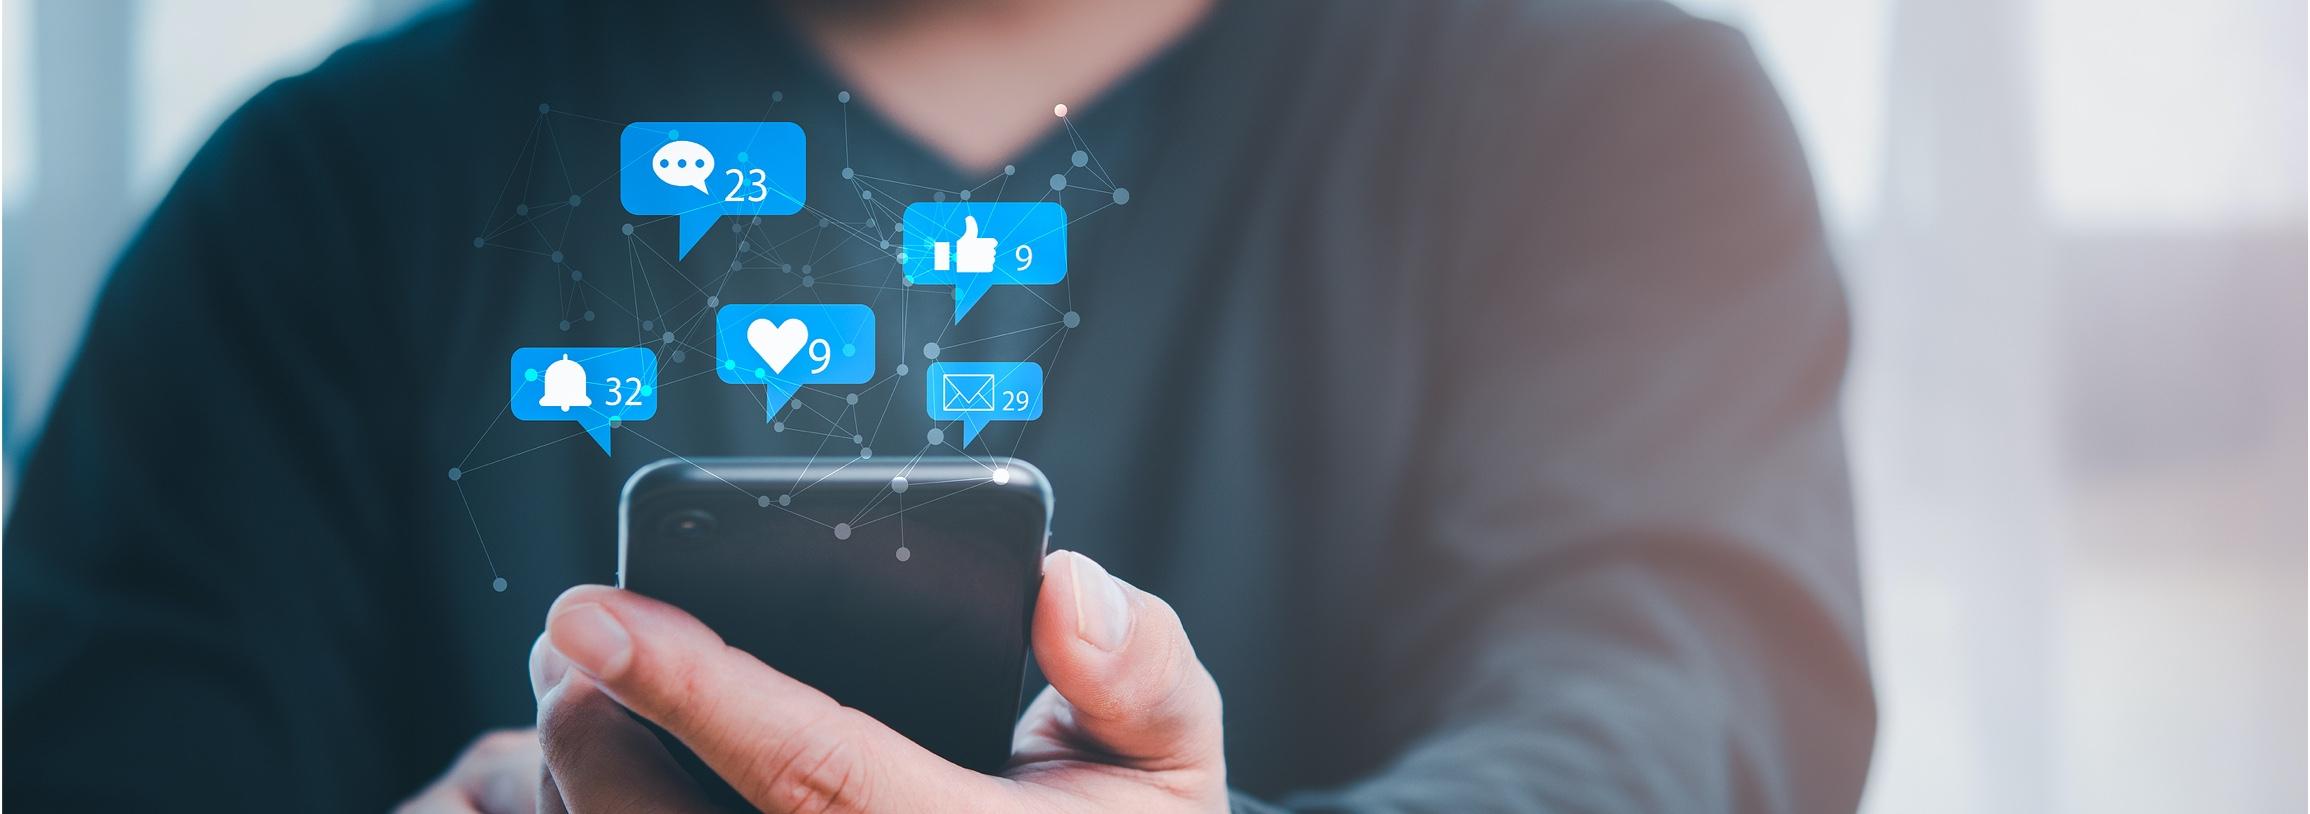 sharing-via-social-media